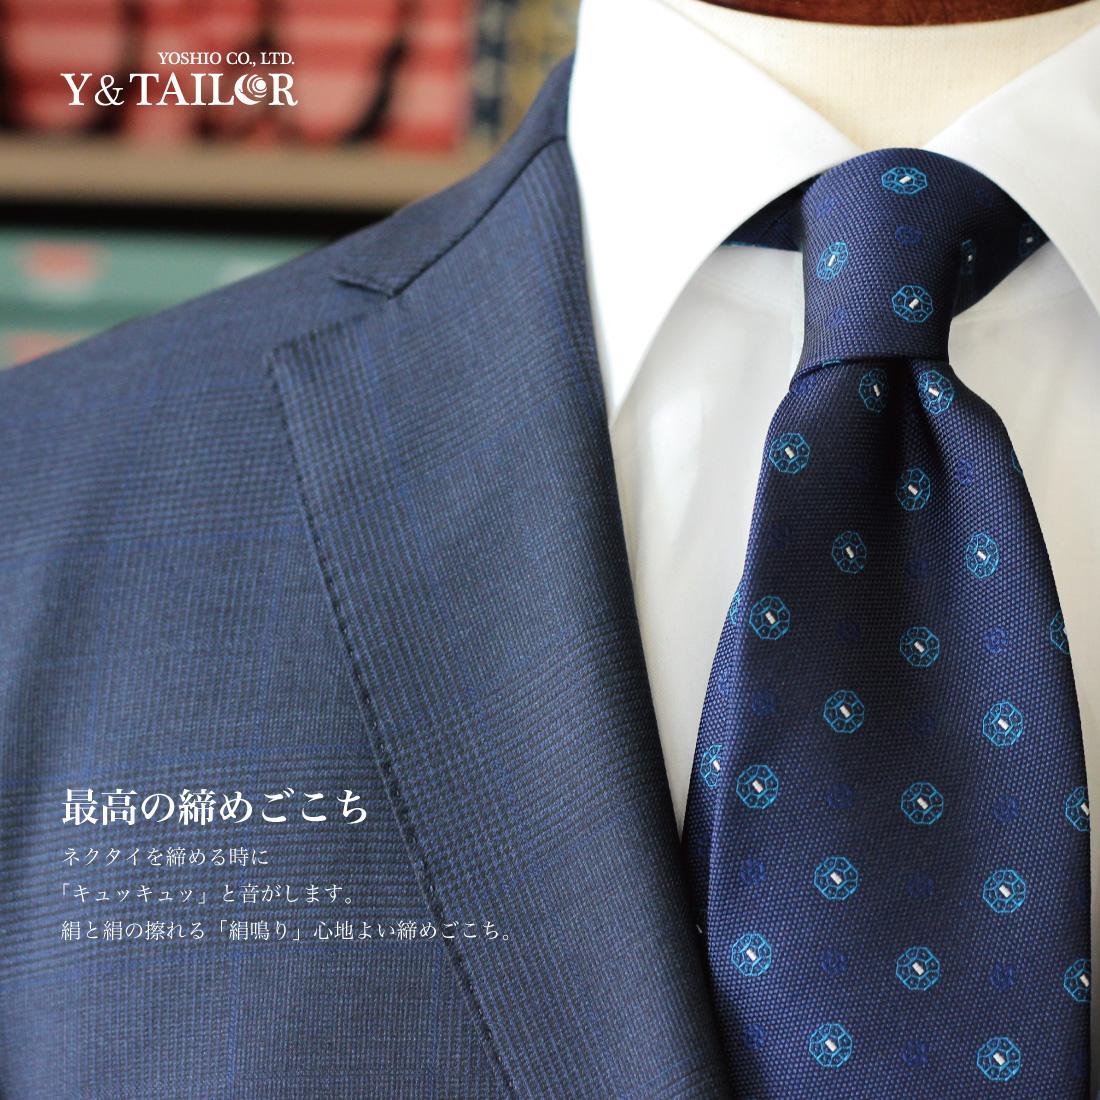 ネクタイ シルク バスケット織 小紋 2colors